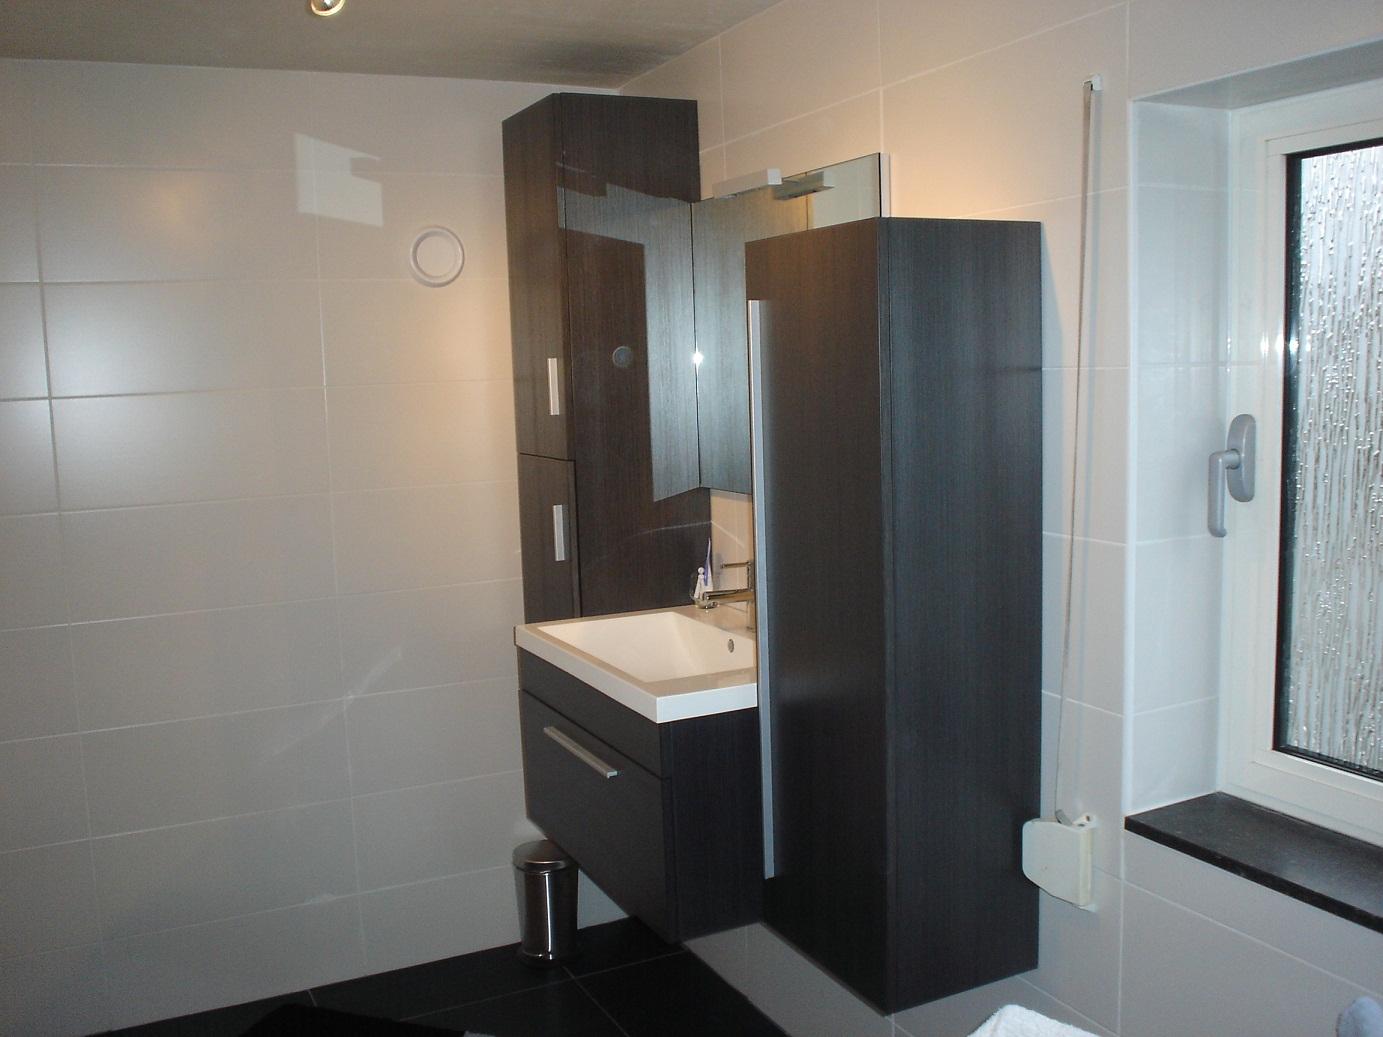 badkamer Beuningen